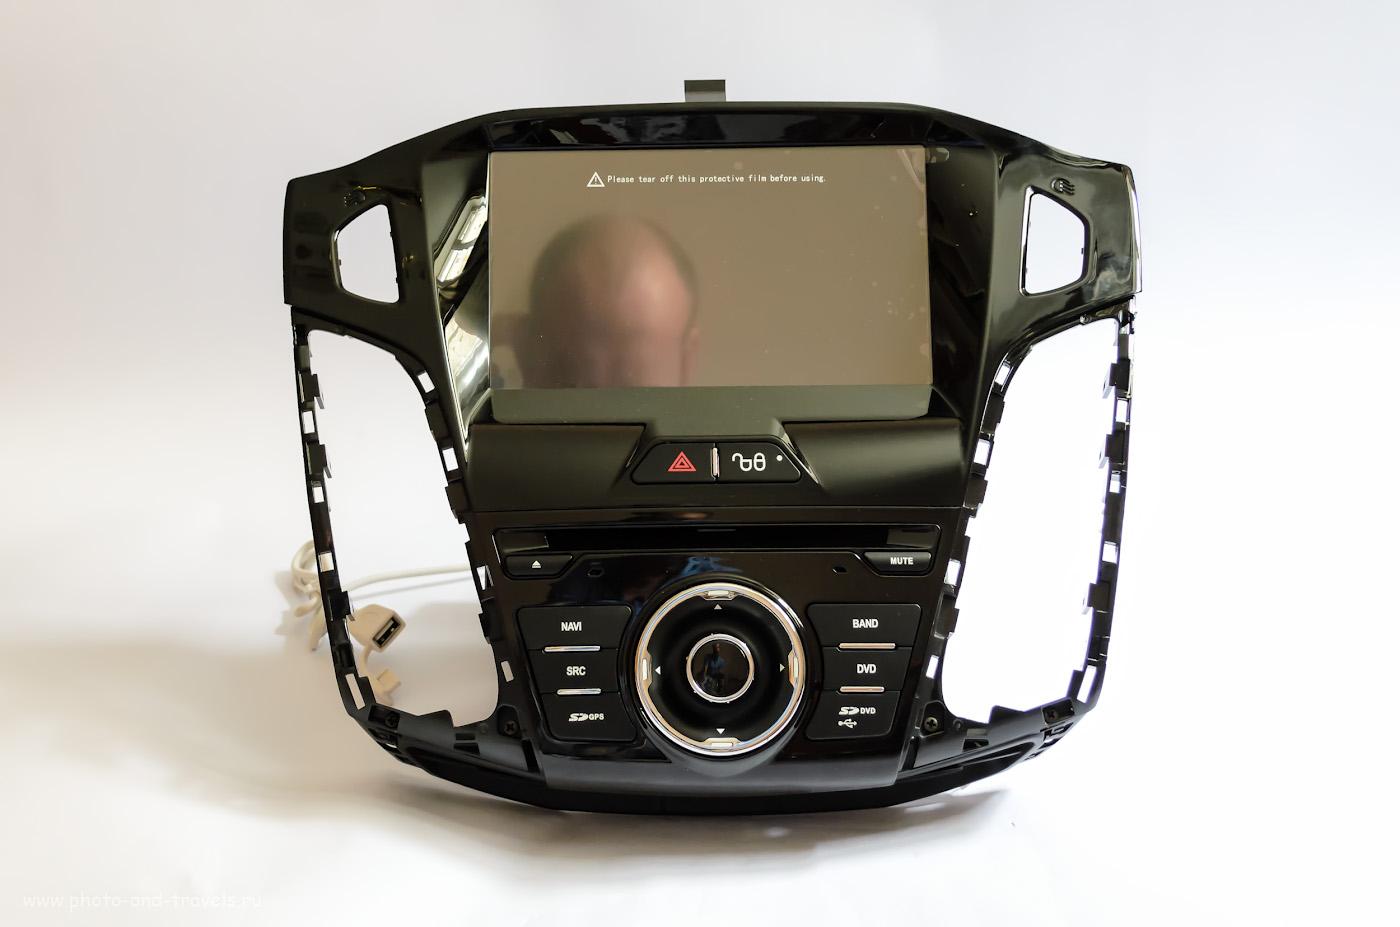 Фотография 2. Съемка товаров для интернет-магазина. Настоящий предметный фотограф, как вампир... в зеркалах не отражается! Использована камера Nikon D5100 KIT 18-55mm f/3.5-5.6. Параметры съемки: В=1/2, f/4.2, ISO 100, ФР=26 мм.